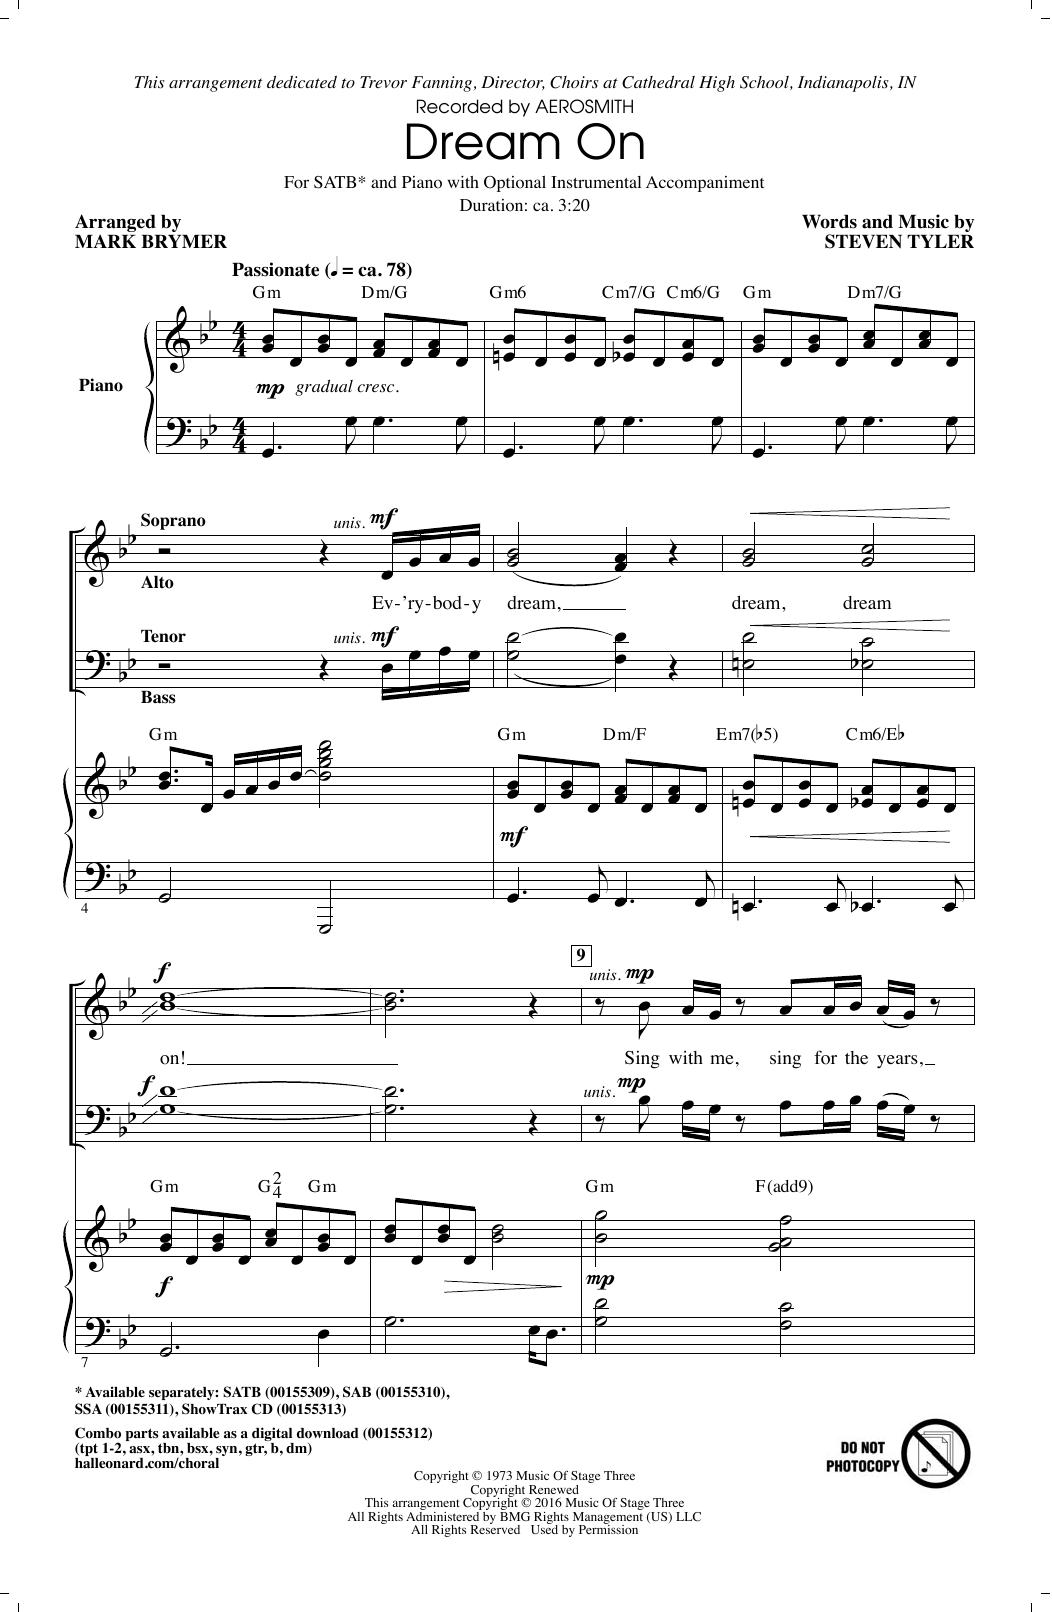 Dream On (arr. Mark Brymer) (SATB Choir)